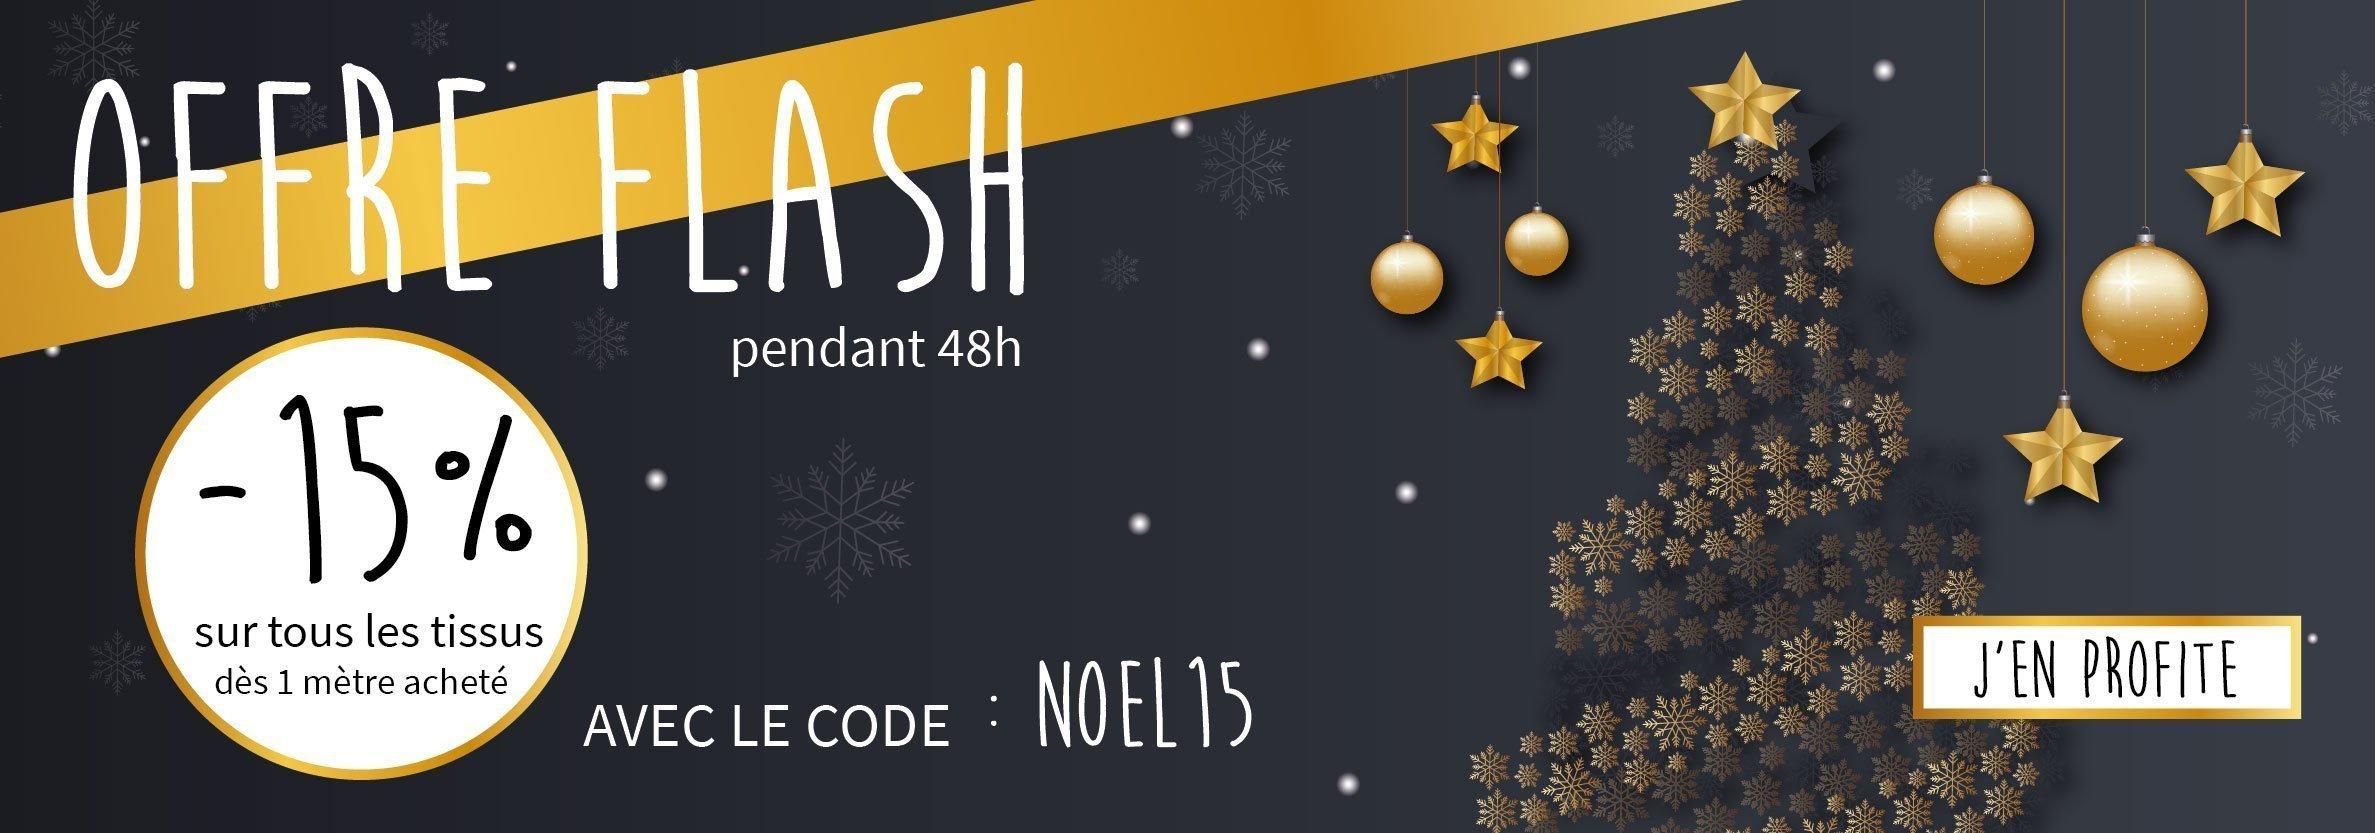 Offre flash Noël : -15% dès un mètre acheté